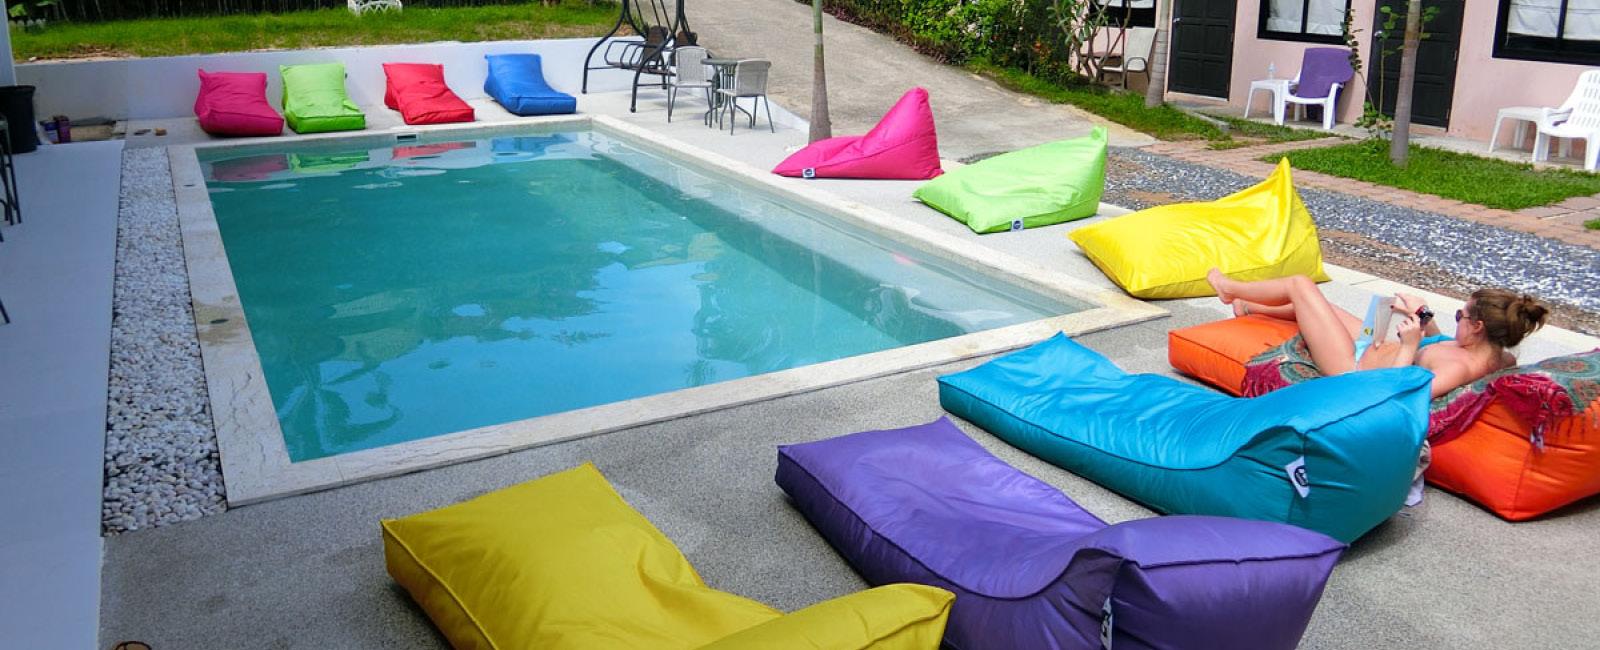 Paradise Pool Interiors Sliders 21